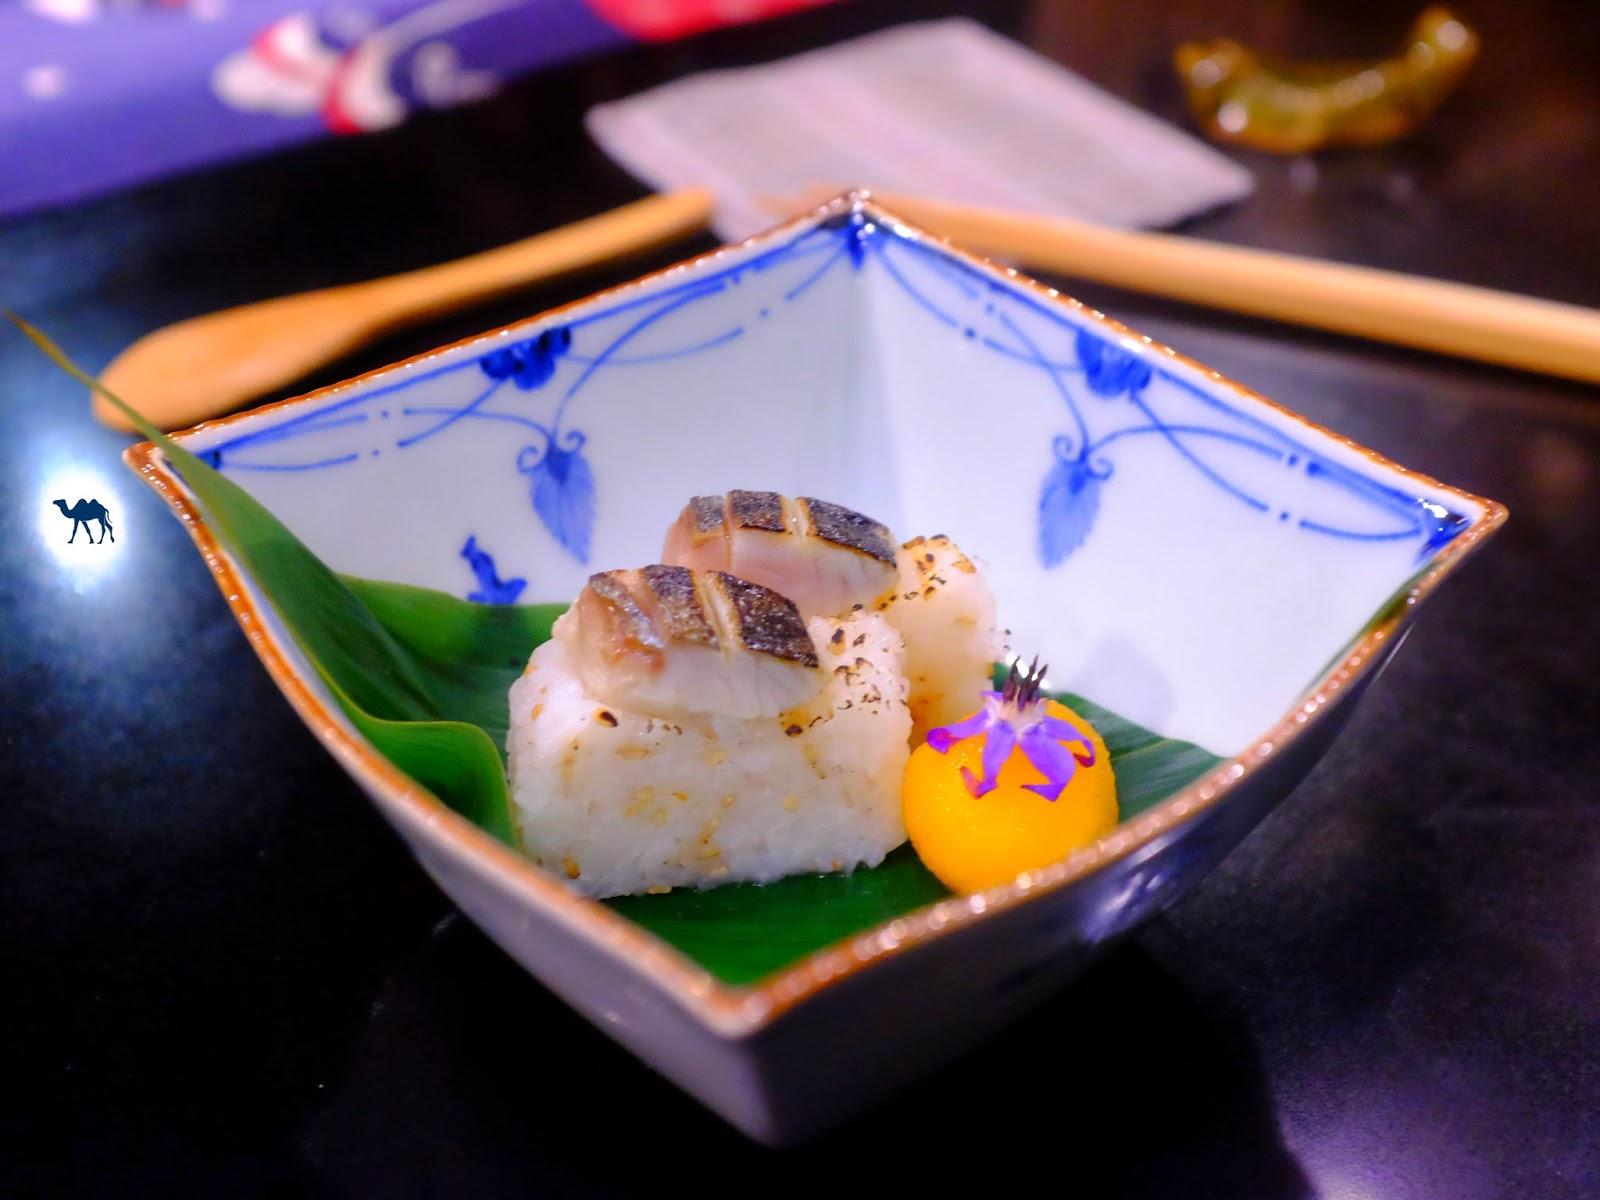 Le Chameau Bleu - sushi au macro grillé - Guilo Guilo restaurant gastronomique Paris